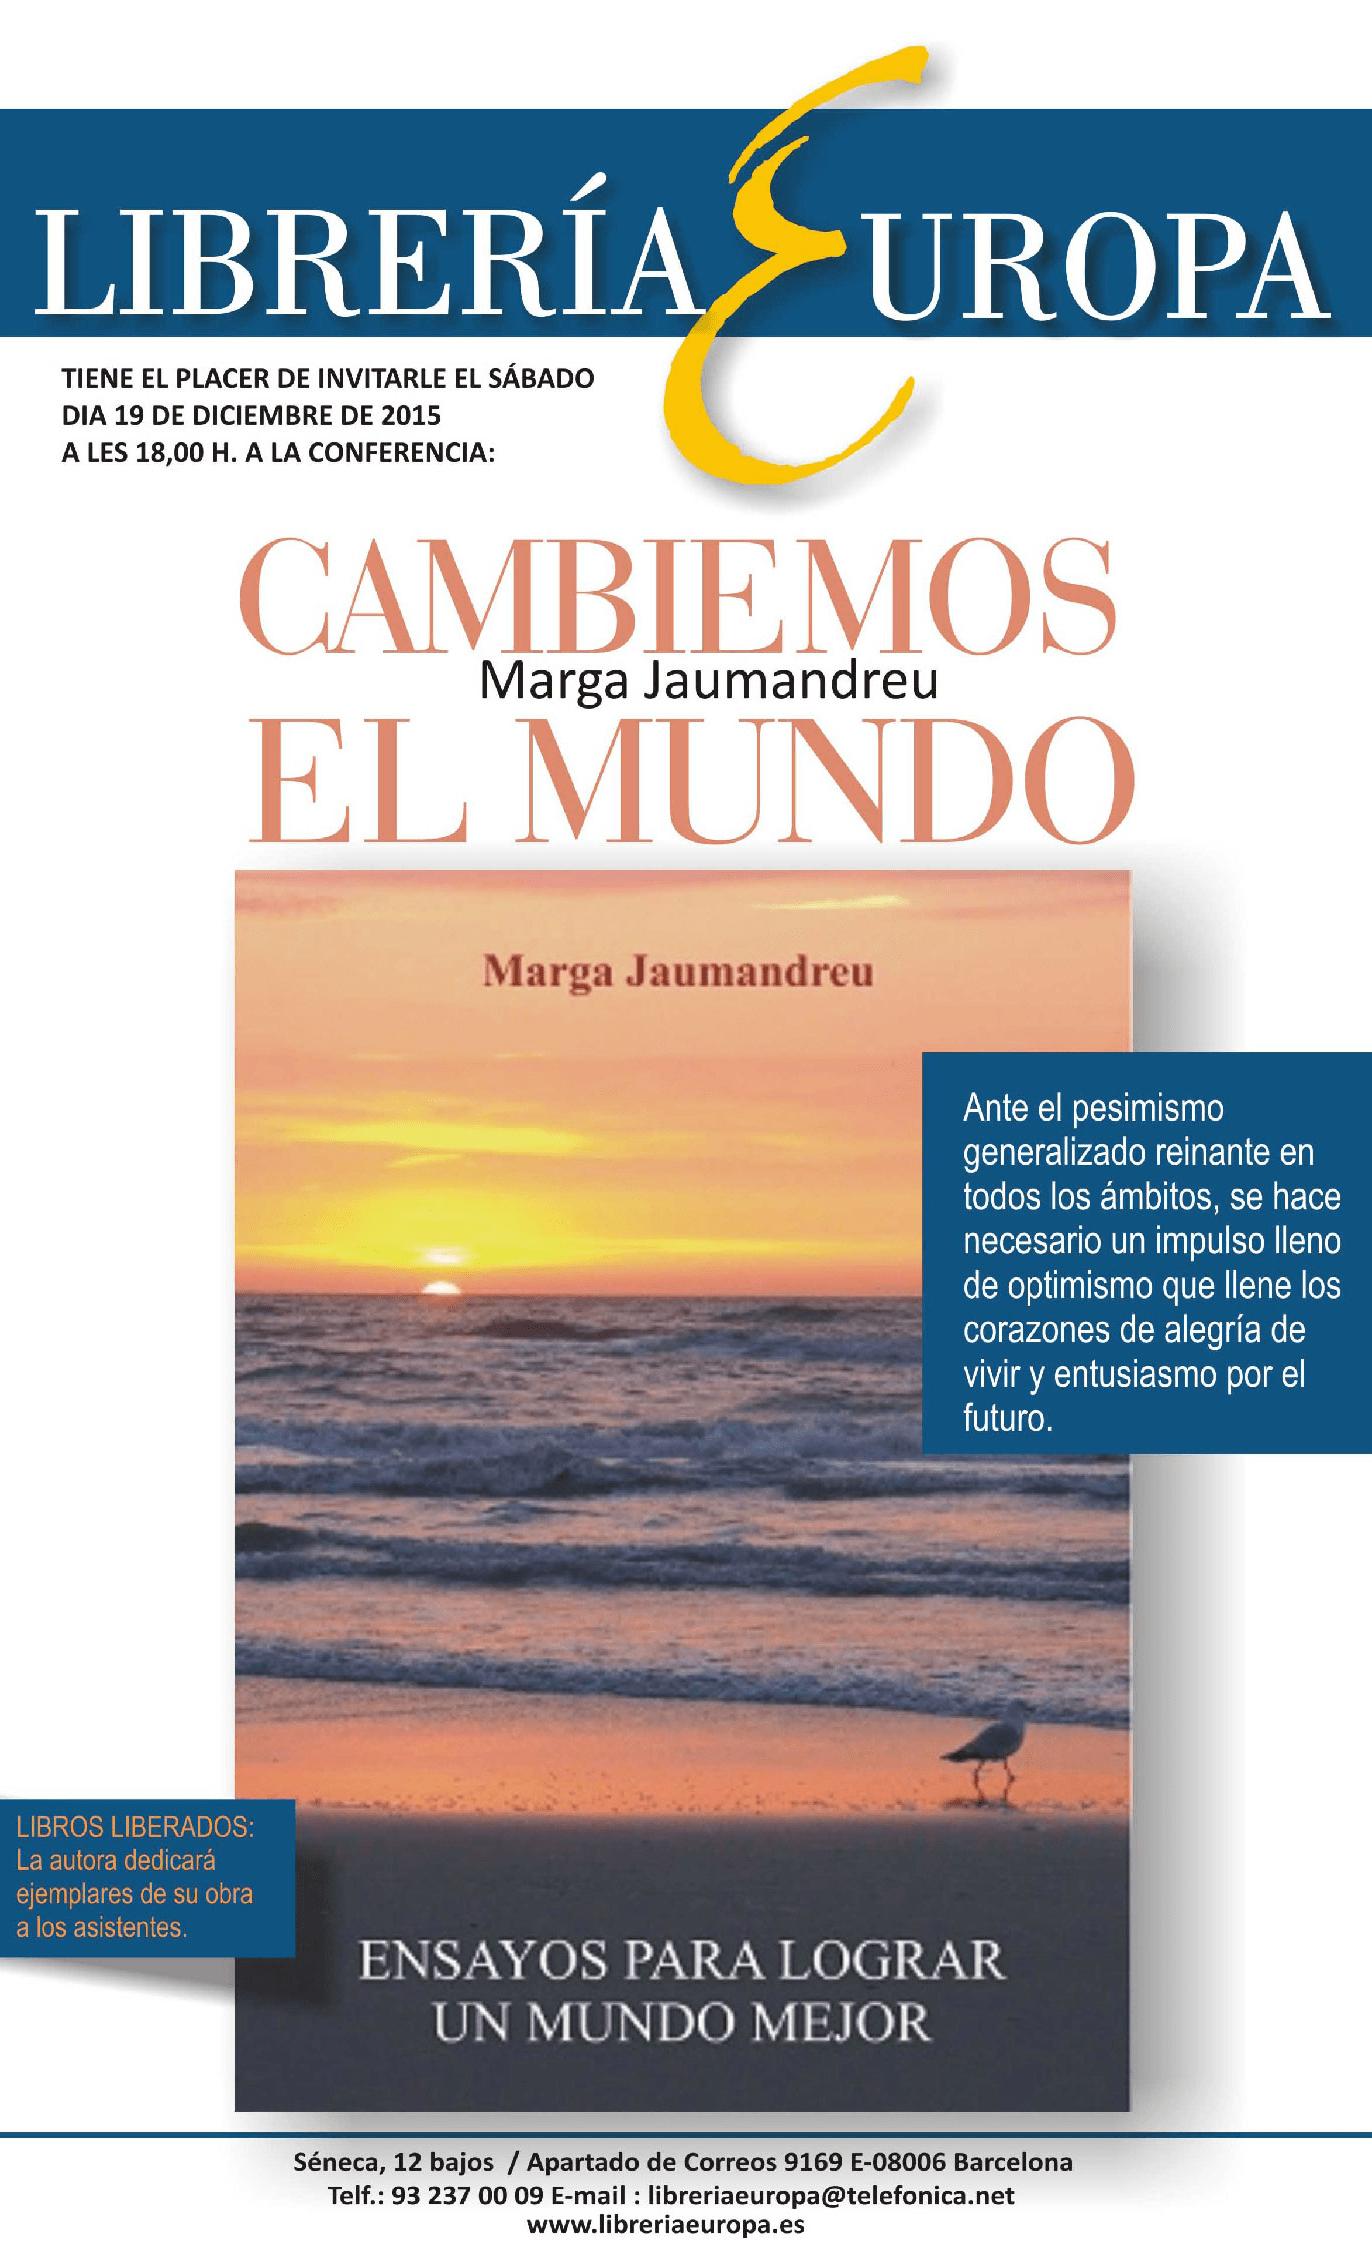 En la Librería Europa próximo Sábado 19 de Diciembre a las 18:00 horas: CONFERENCIA CAMBIEMOS EL MUNDO, a cargo de Marga Jaumandreu